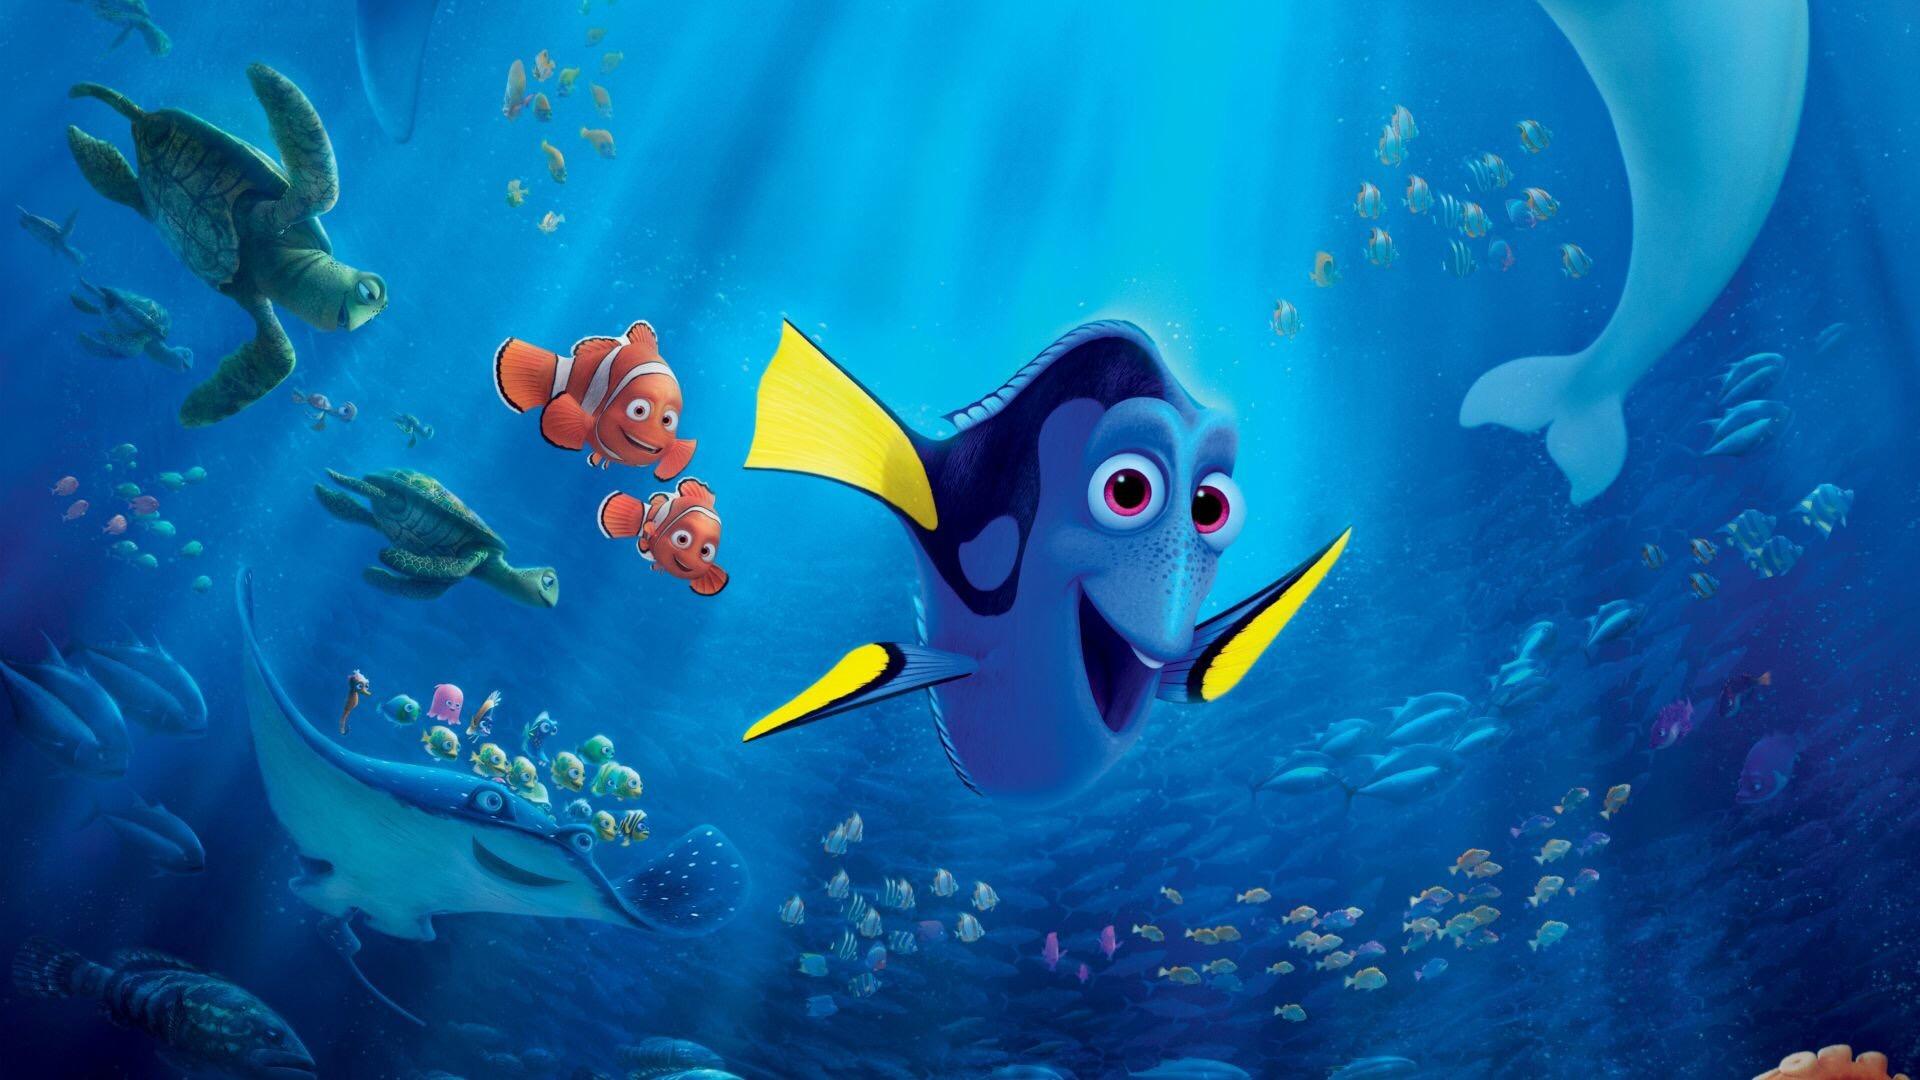 2016 ya es el año más taquillero para Disney